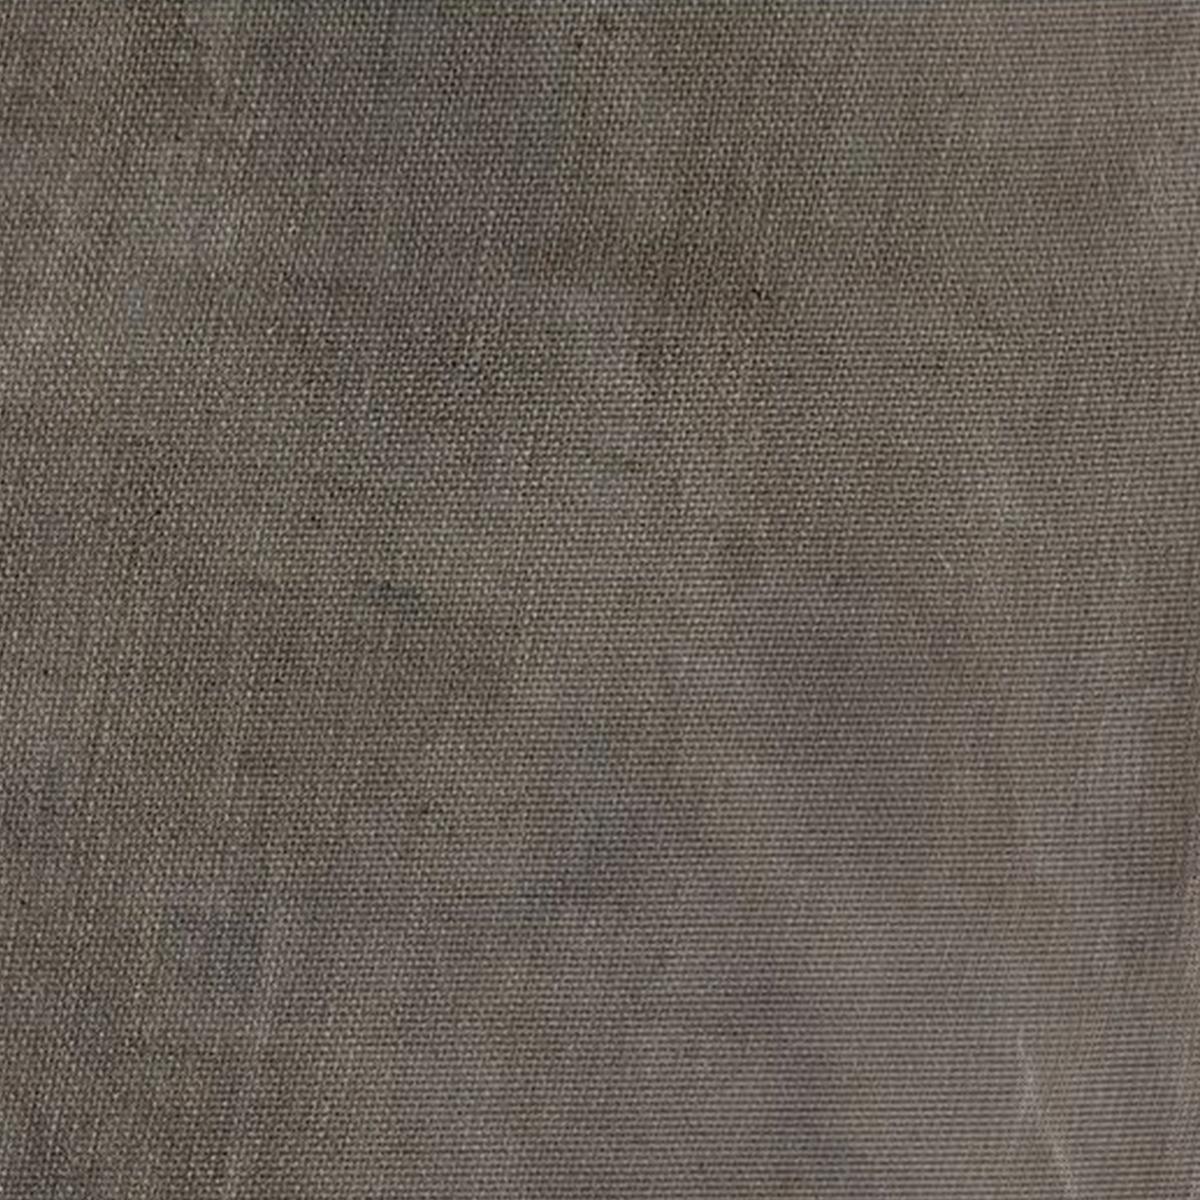 24x24-FabricFolio-Taupe-FB03